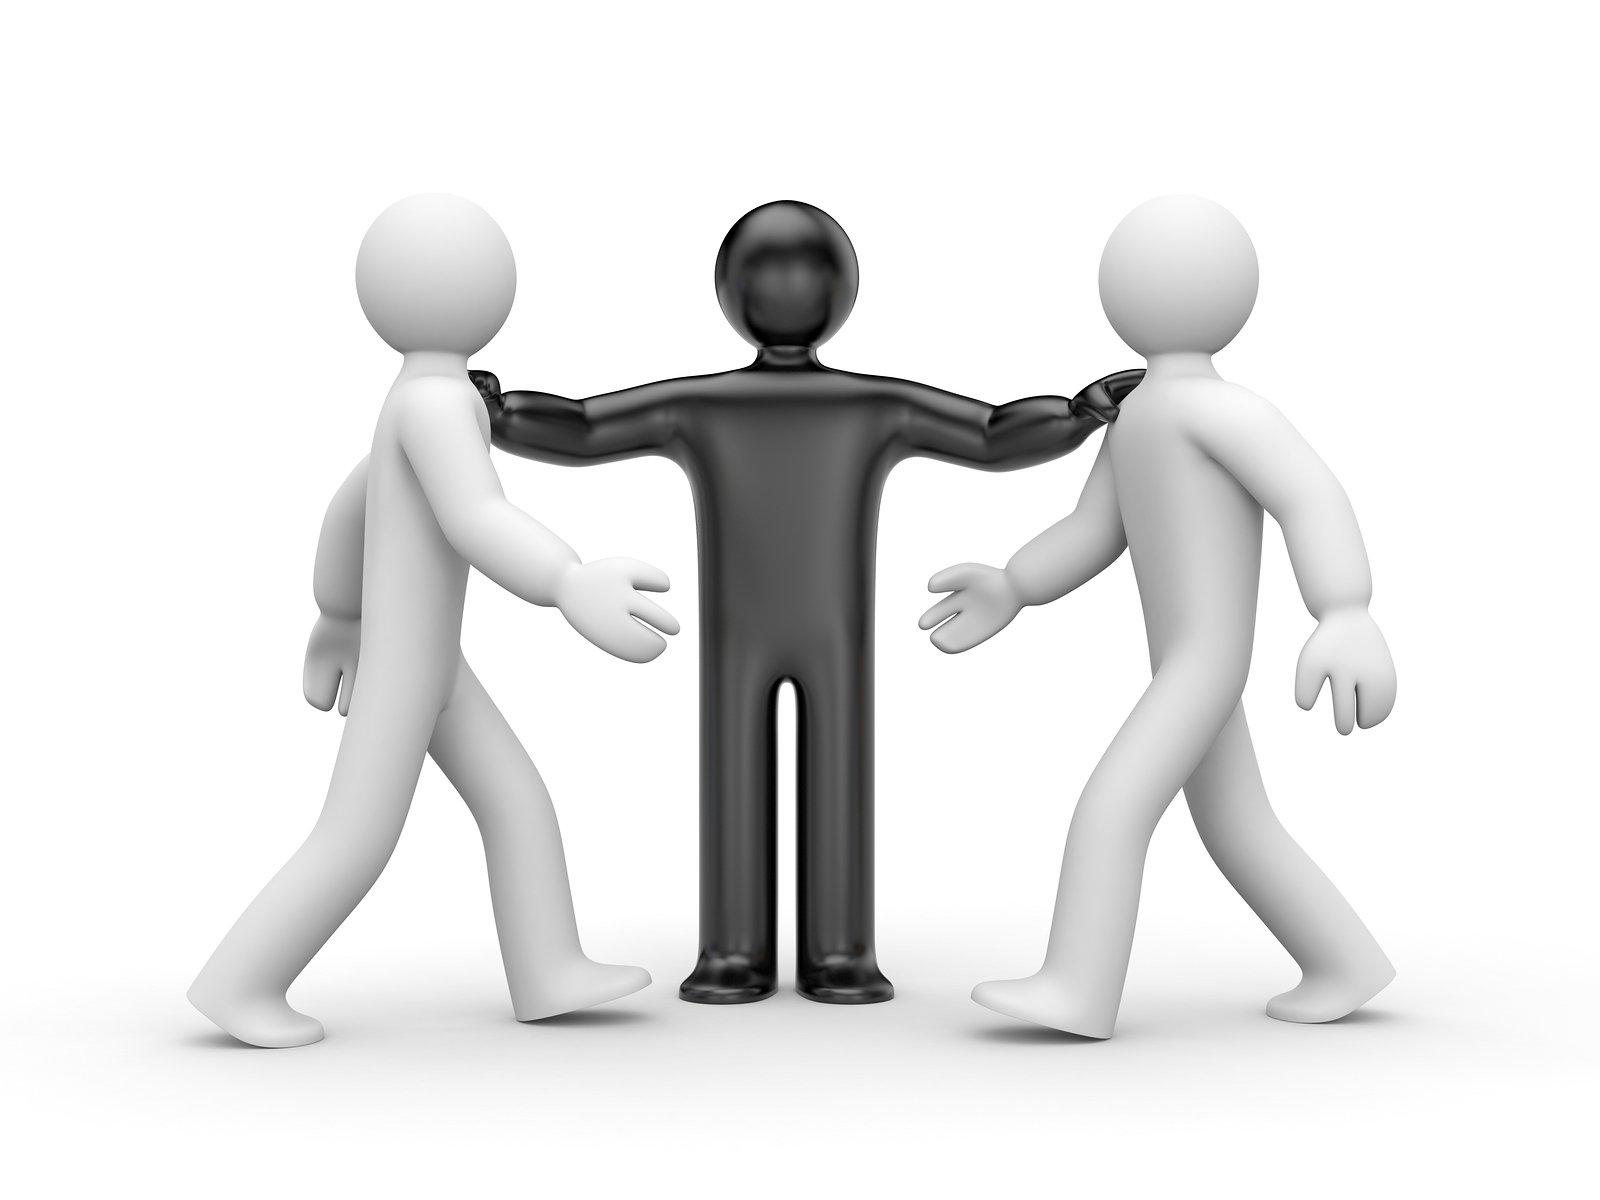 Justiça Restaurativa e mediação penal: afinal, qual a relação entre elas?